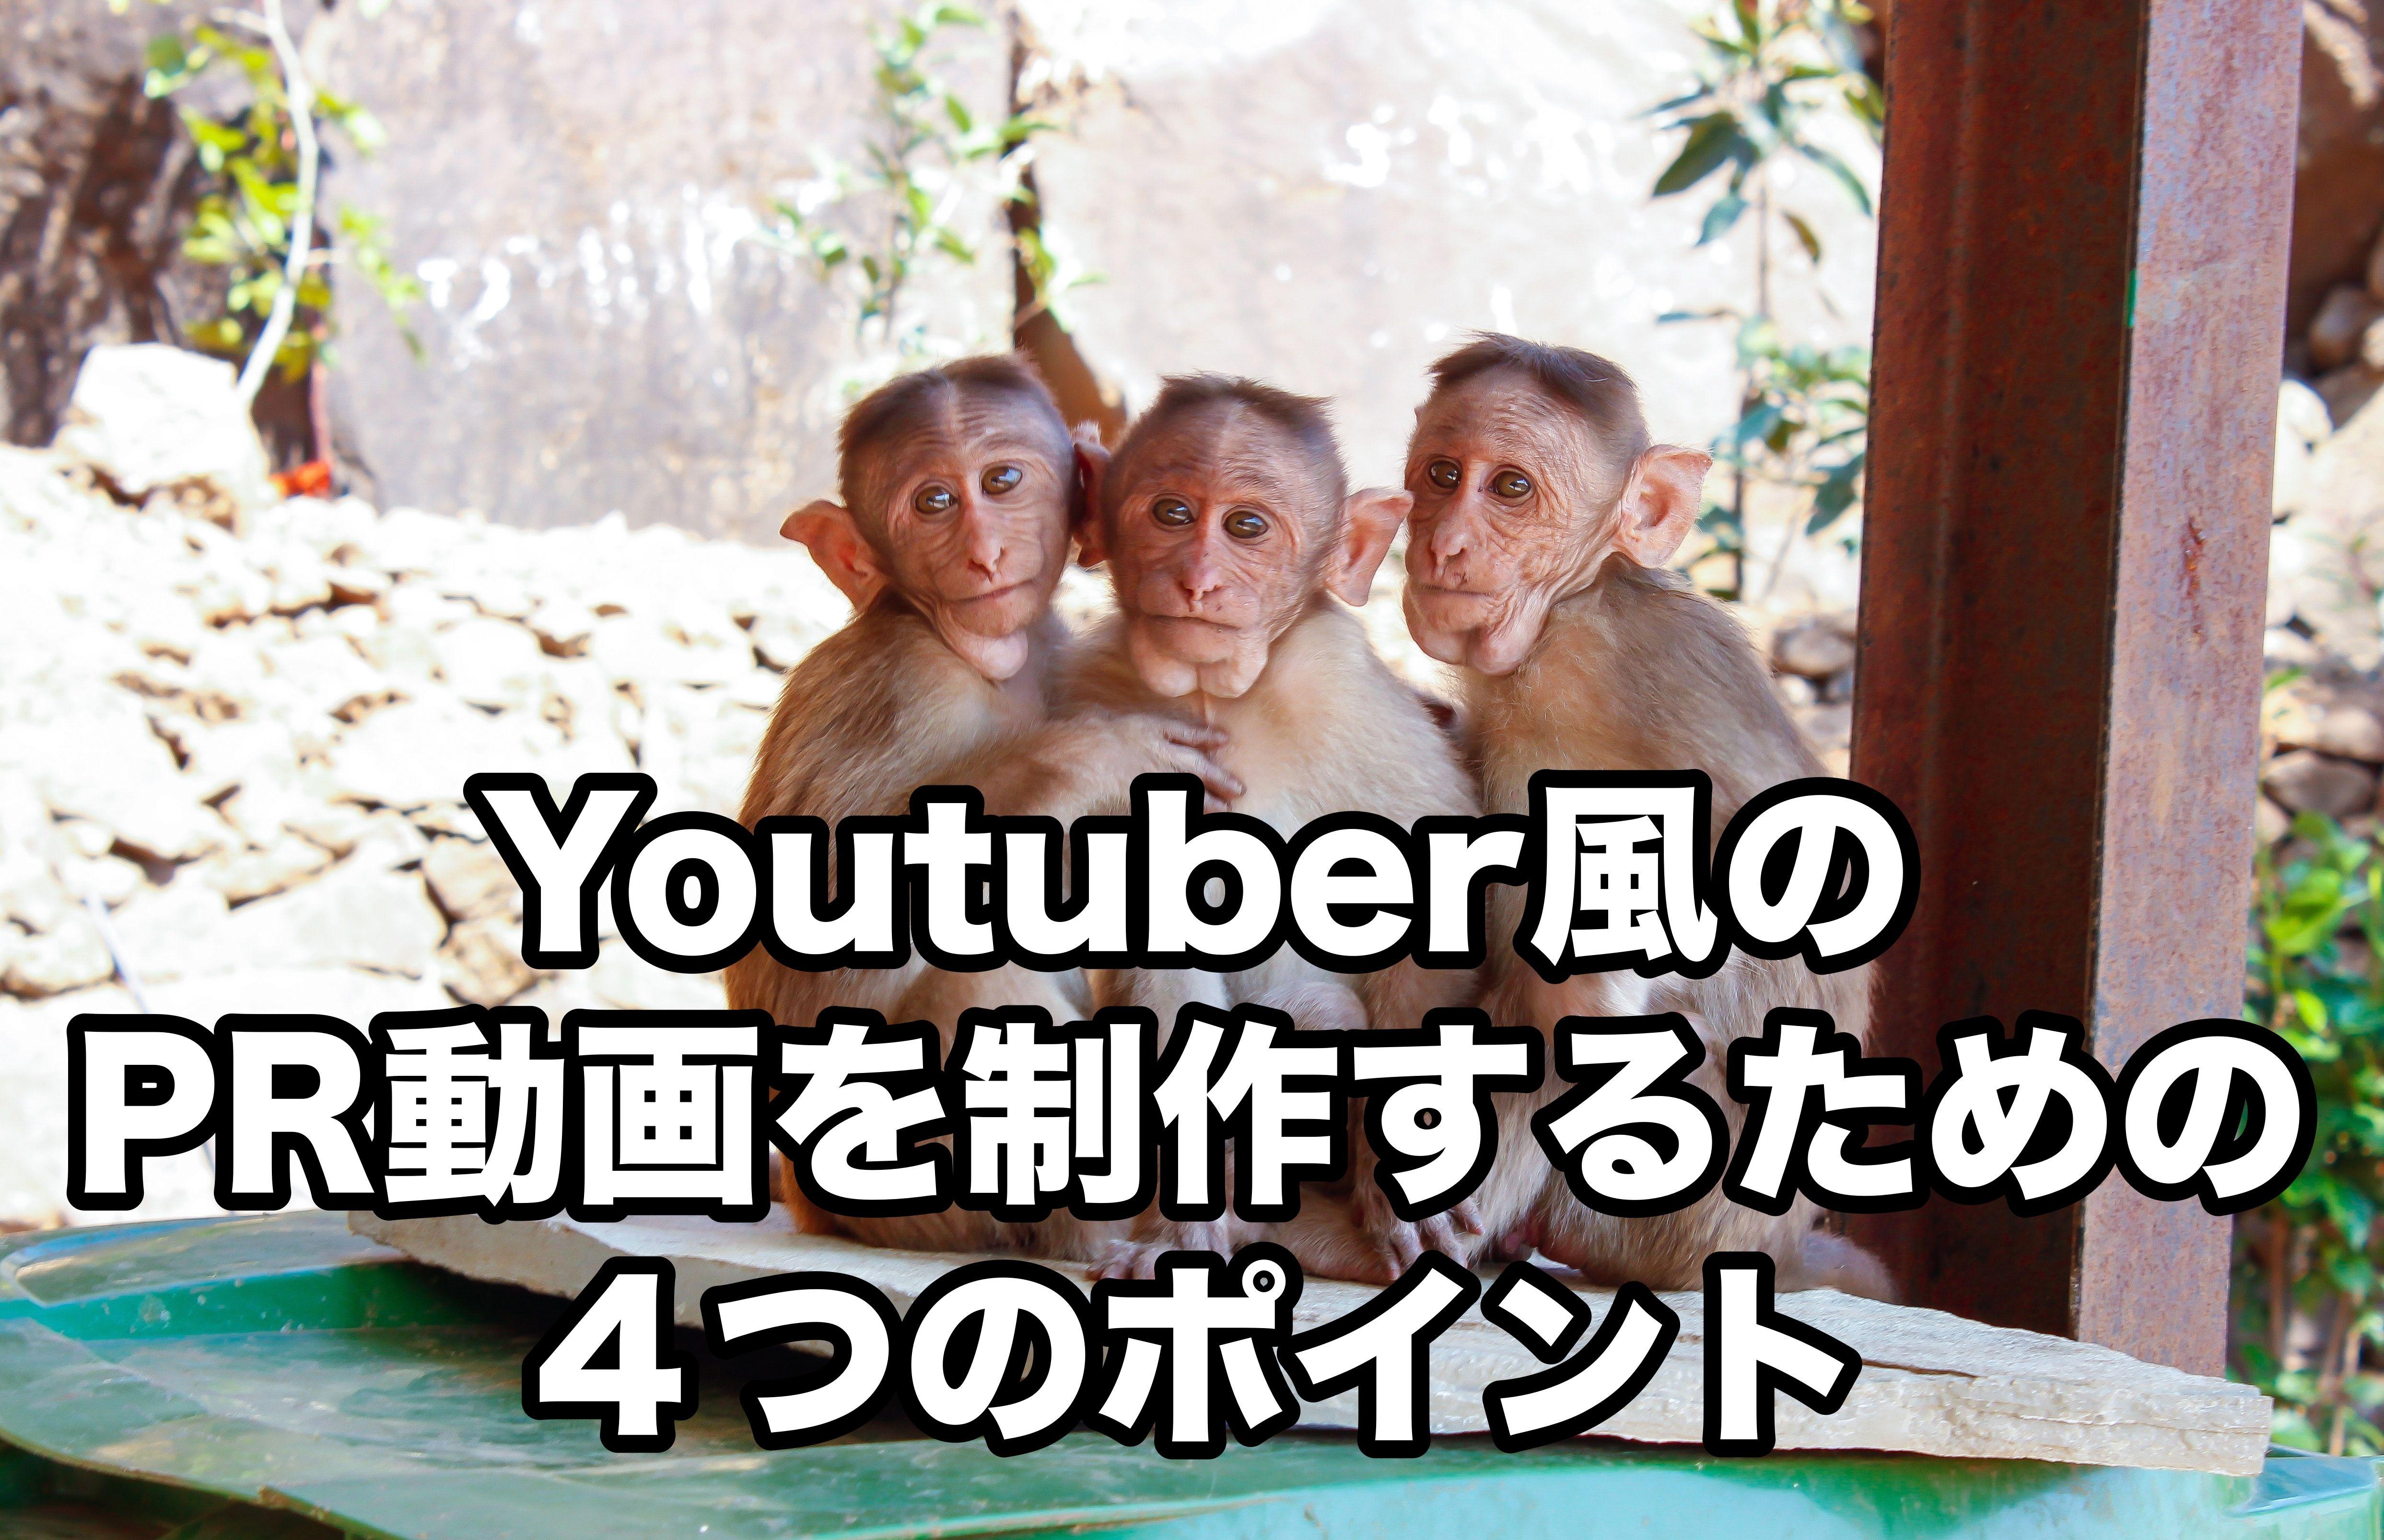 Youtuber風のPR動画を制作するための4つのポイント